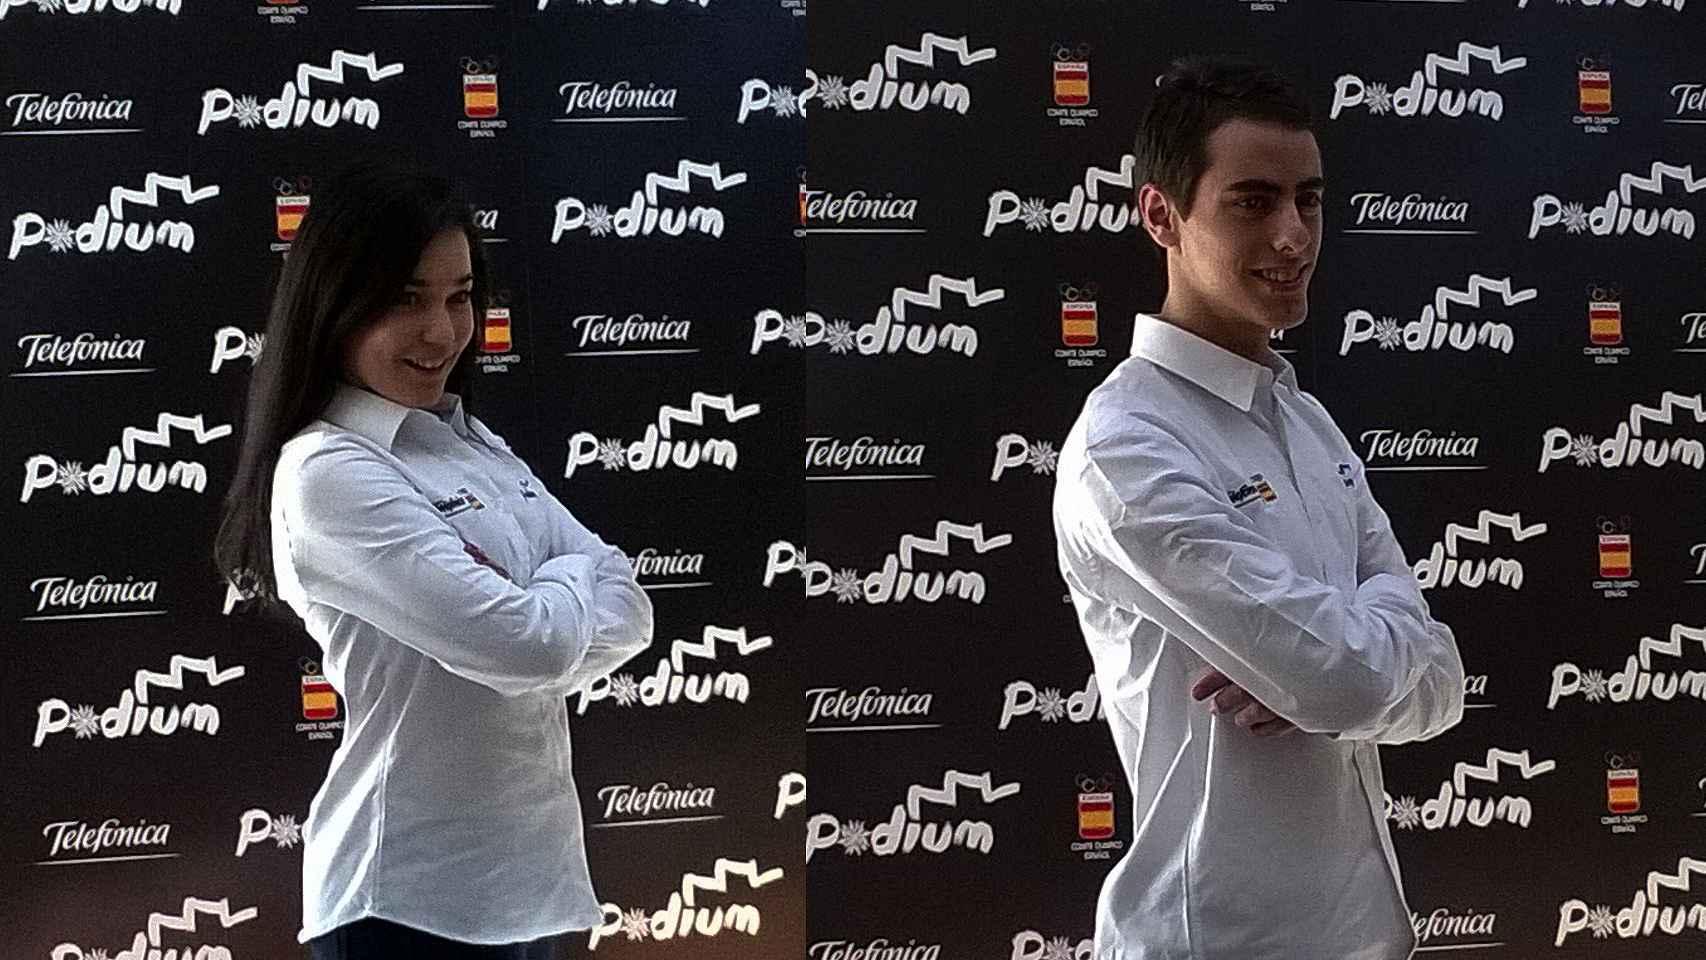 Celia Robledo y Luis Fenero, patinadores en danza sobre hielo, durante la presentación.